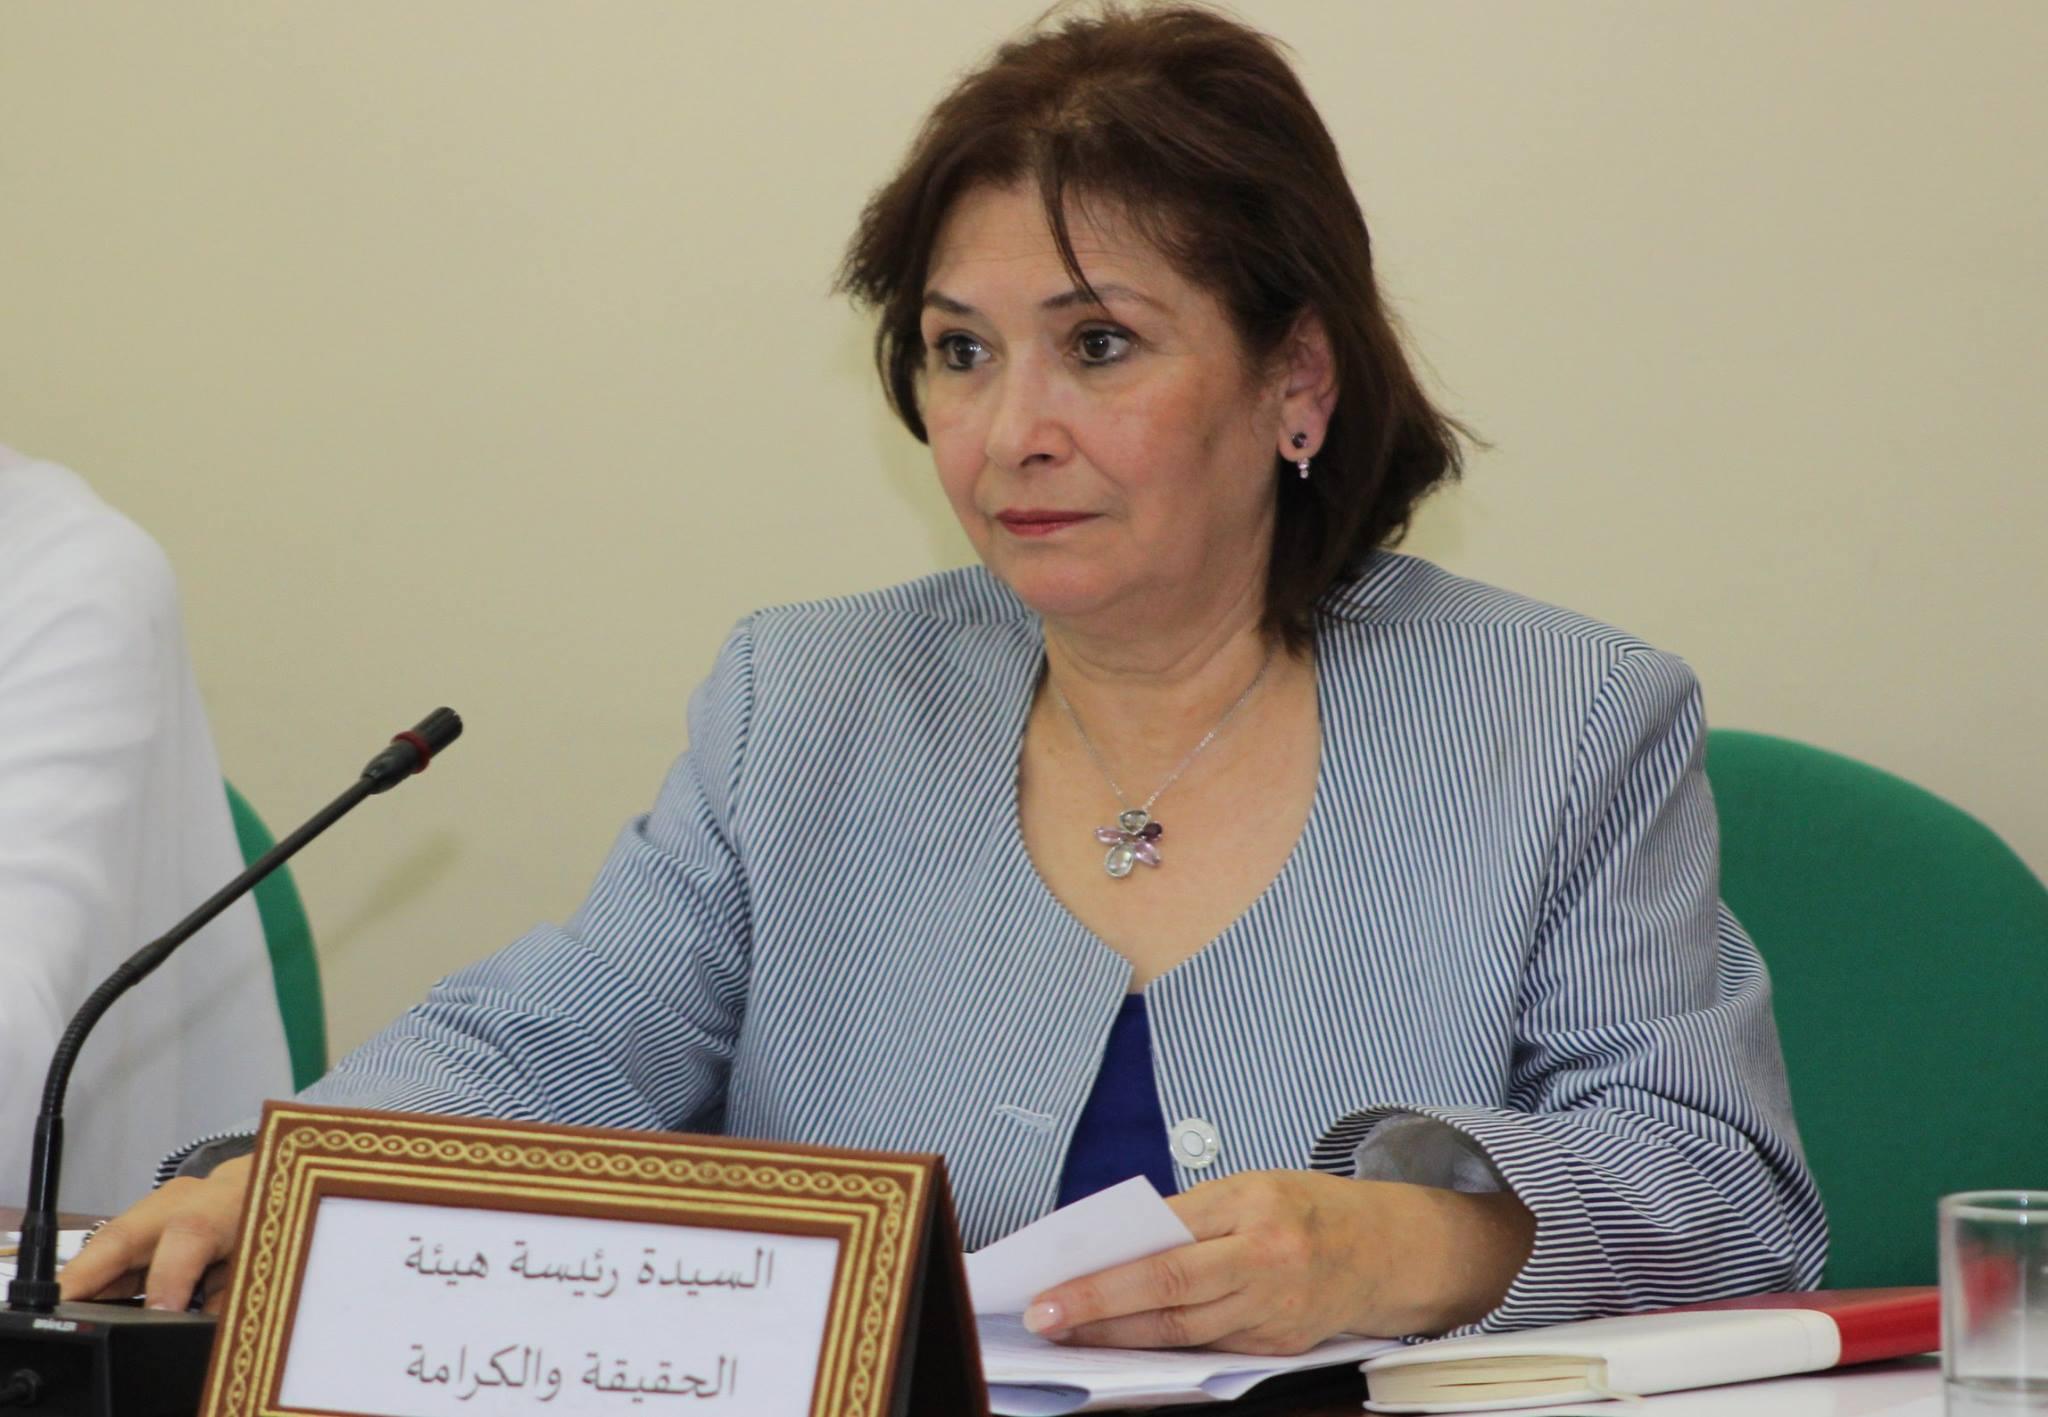 وزارة الخارجية تُكذّب بن سدرين